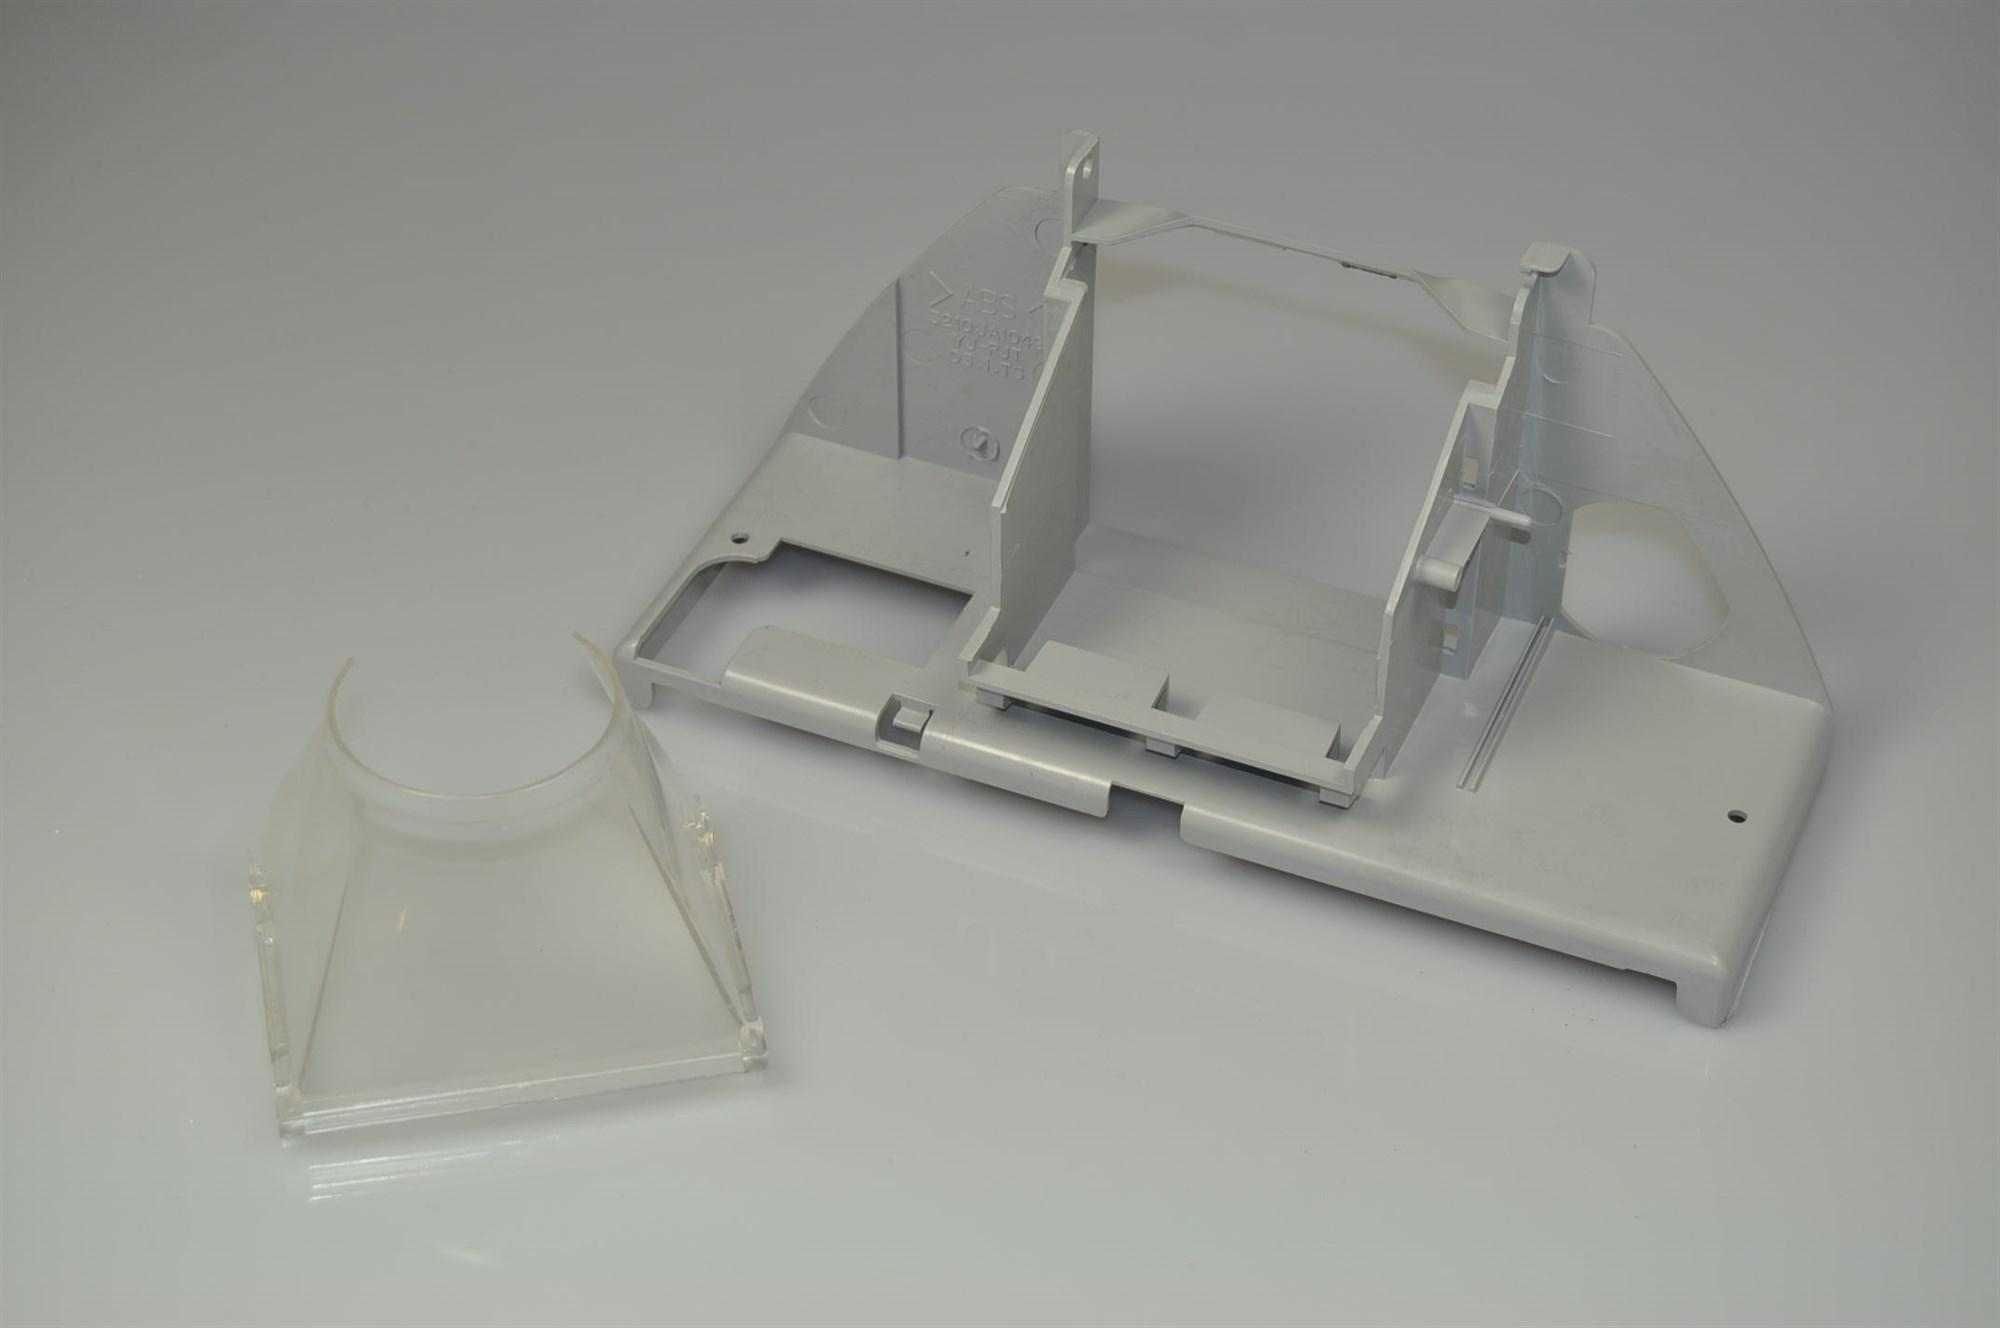 Kühlschrank Mit Eiswürfelbereiter : Trichter für eiswürfelbereiter lg electronics side by side